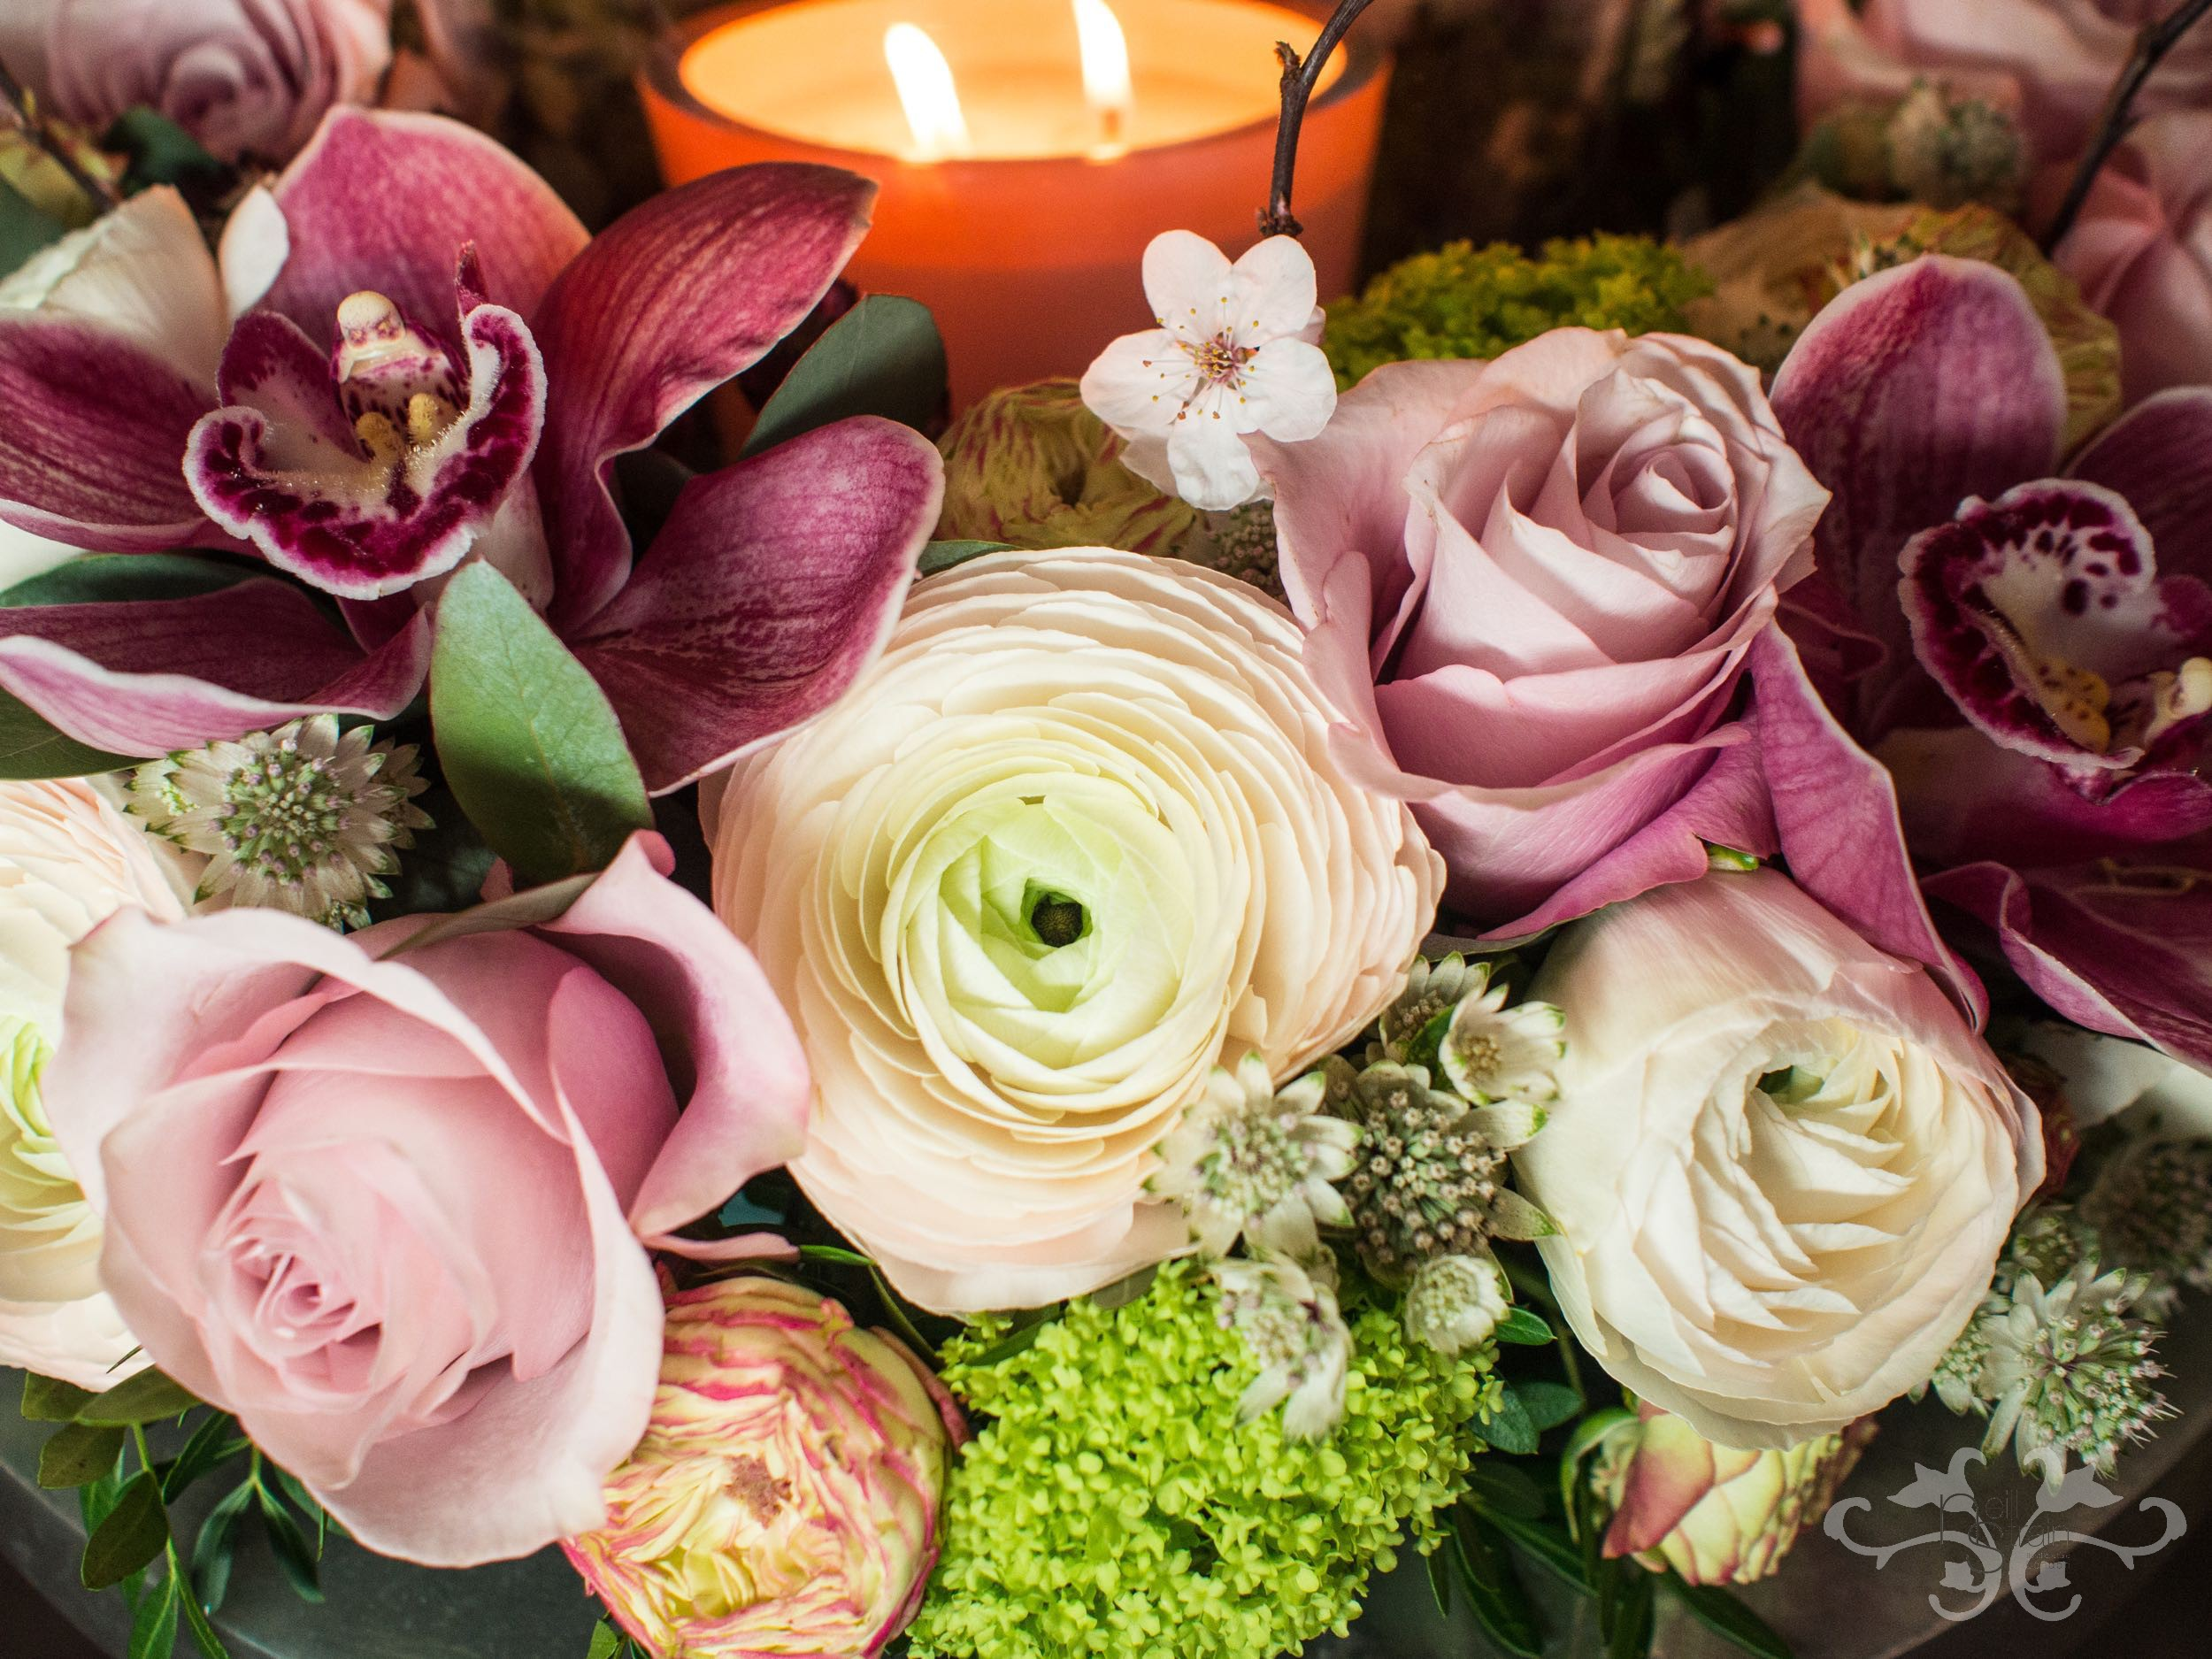 Roses, Renunculus, Cymbidium Orchids, Viburnum Opulus, Astrantia, Blossom. Photographyby John Nassari